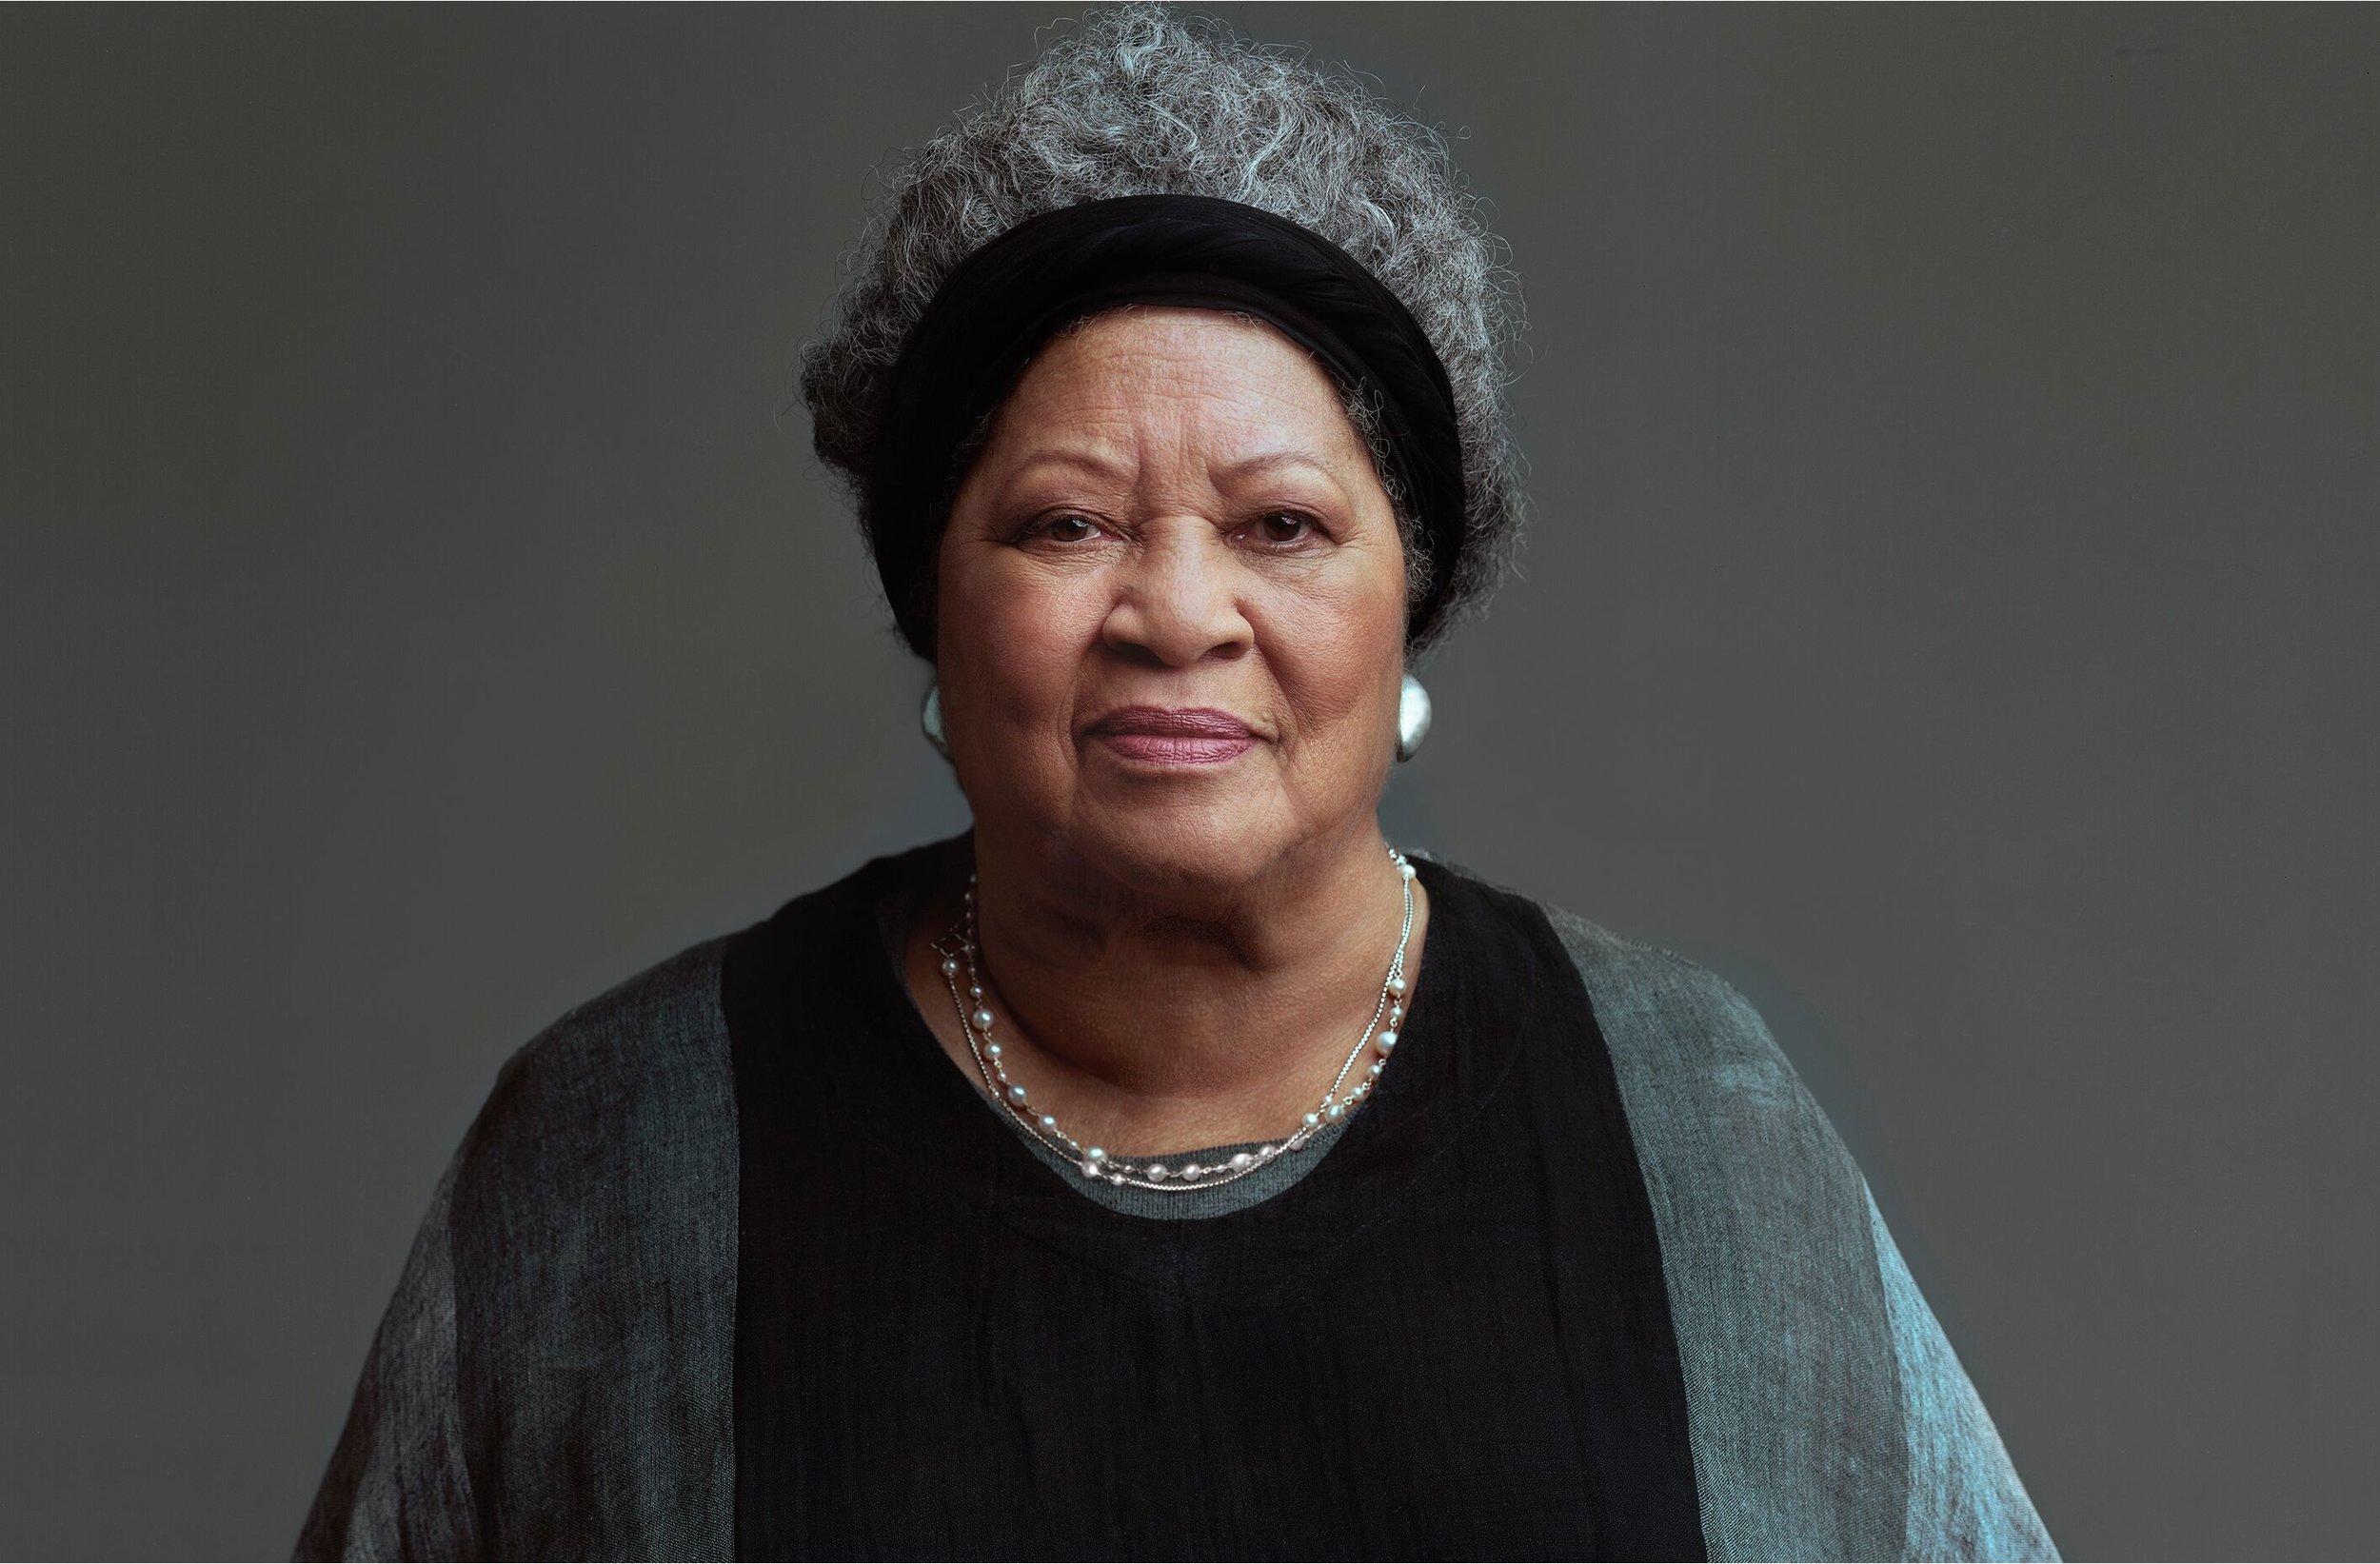 Toni Morrison.jpeg